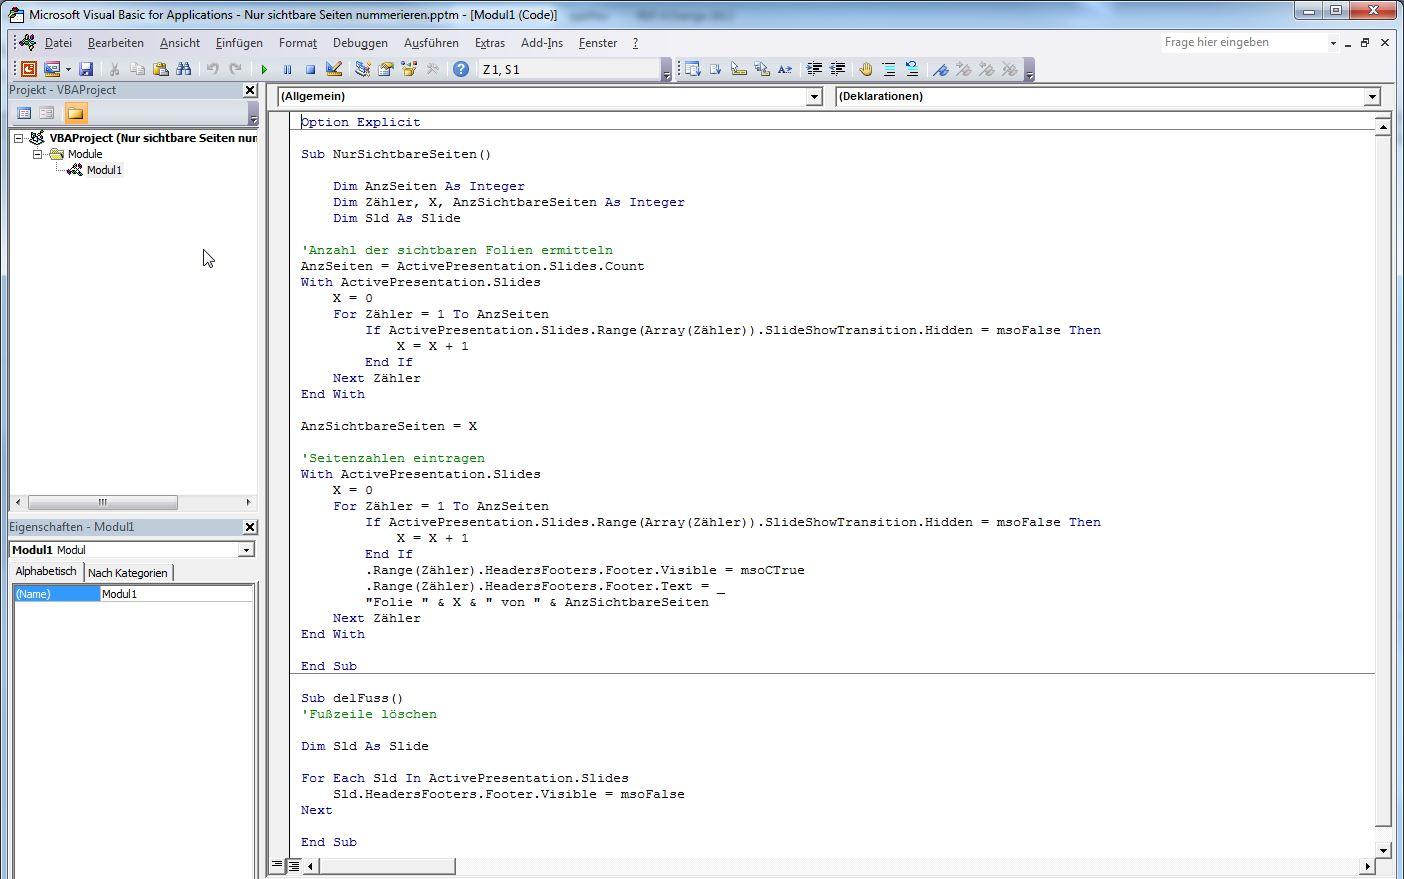 VBA Modul mit Quellcode